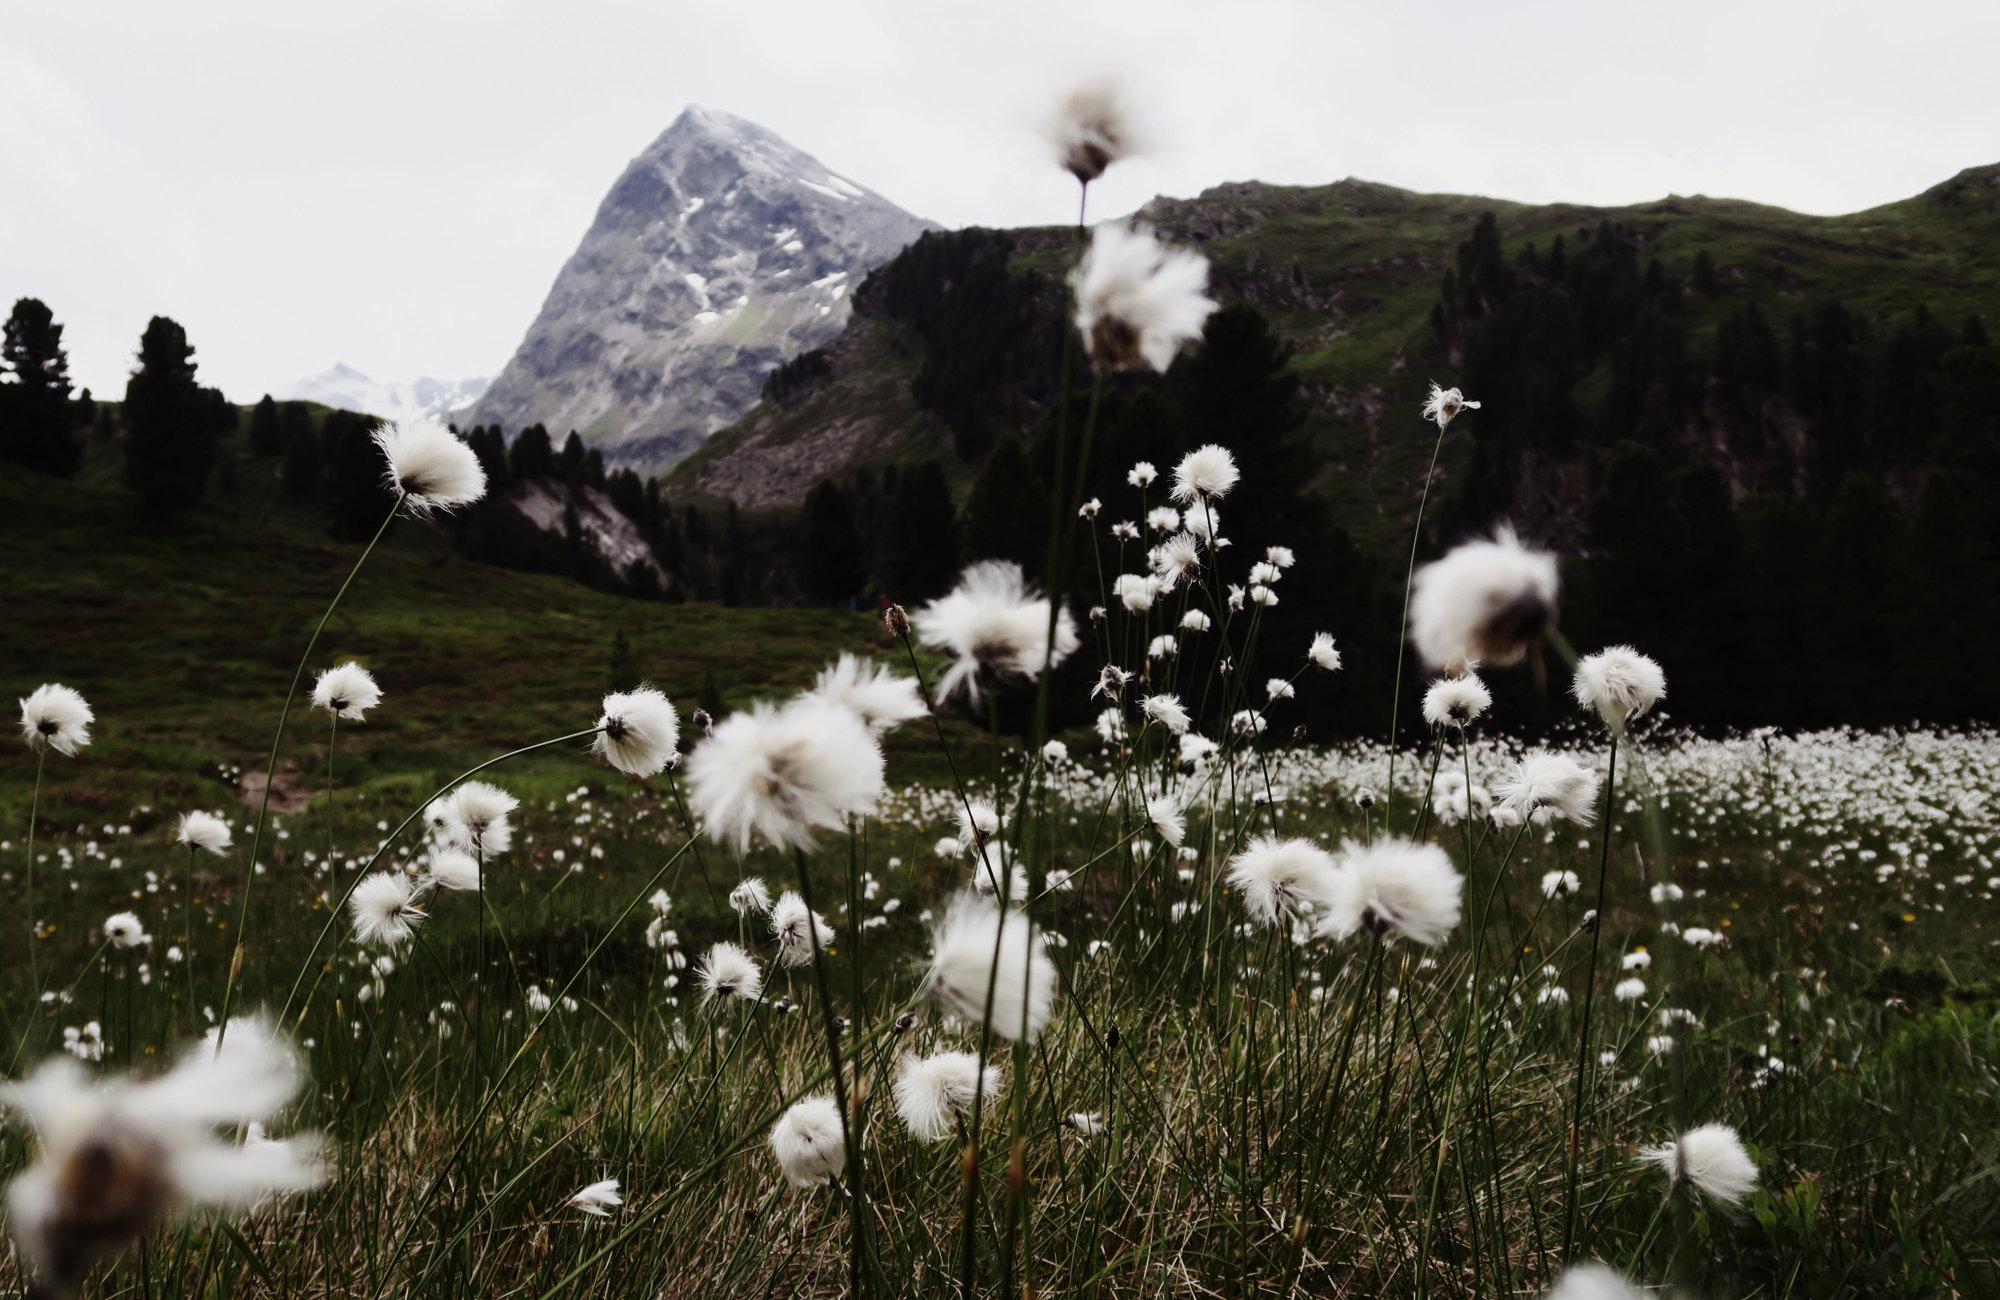 Blick zum Hangerer, Wanderung Hangerer, Bergwandern Ötztal, Wandertour Ötztal, Alpen, Tirol, Dreitausender